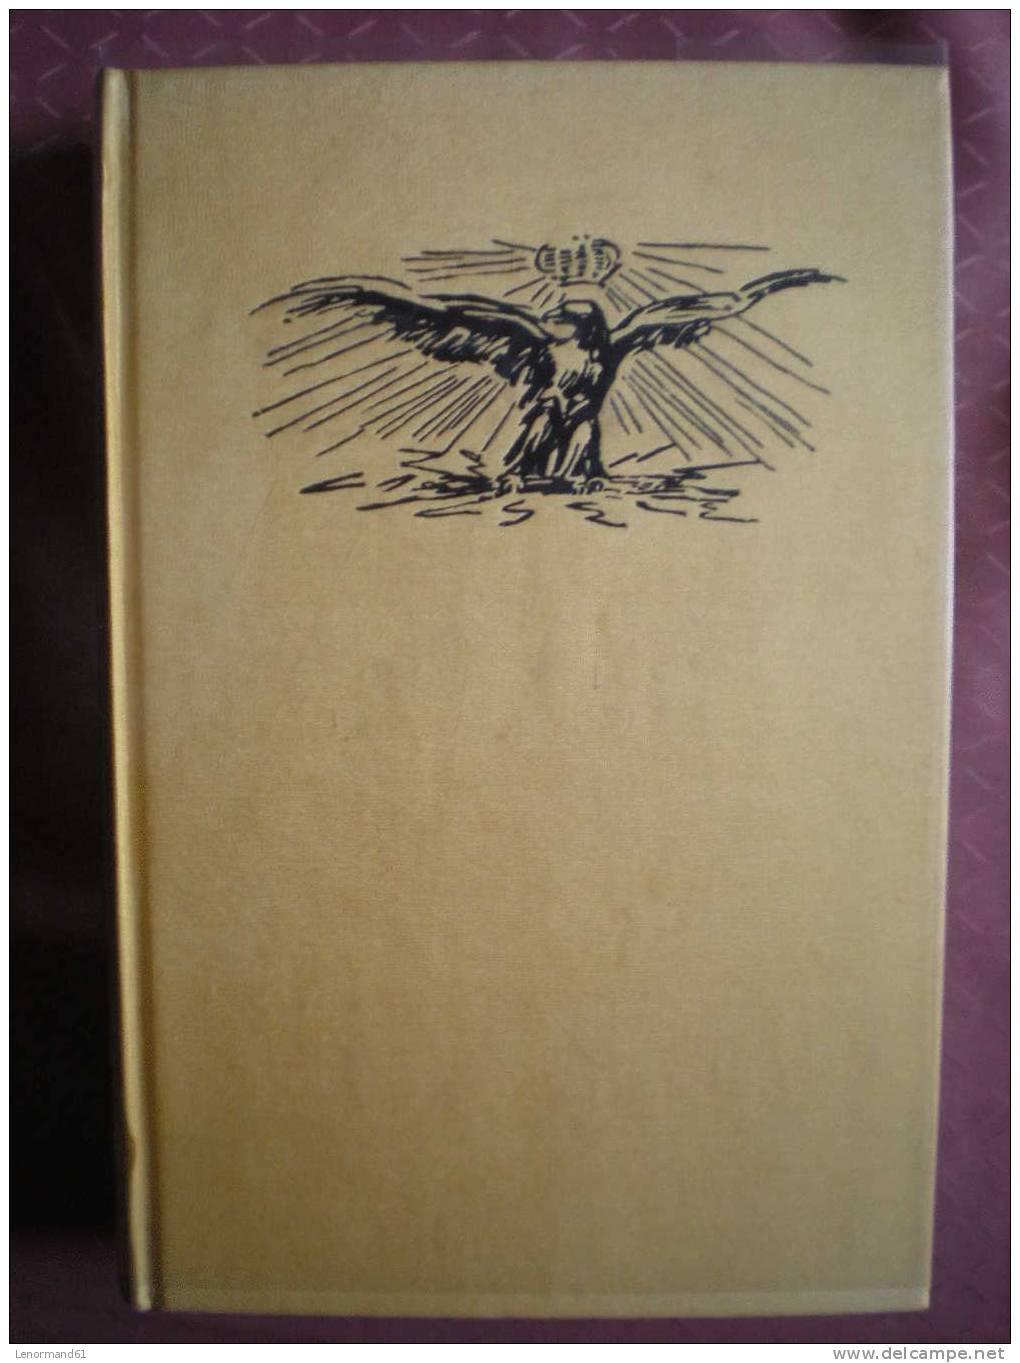 NAPOLEON DE STENDHAL ILLUSTRATIONS DE RAFFET TEXTE ETABLI ET PREFACE PAR HENRI MARTINEAU 1962 NUMEROTE 1103 - Histoire